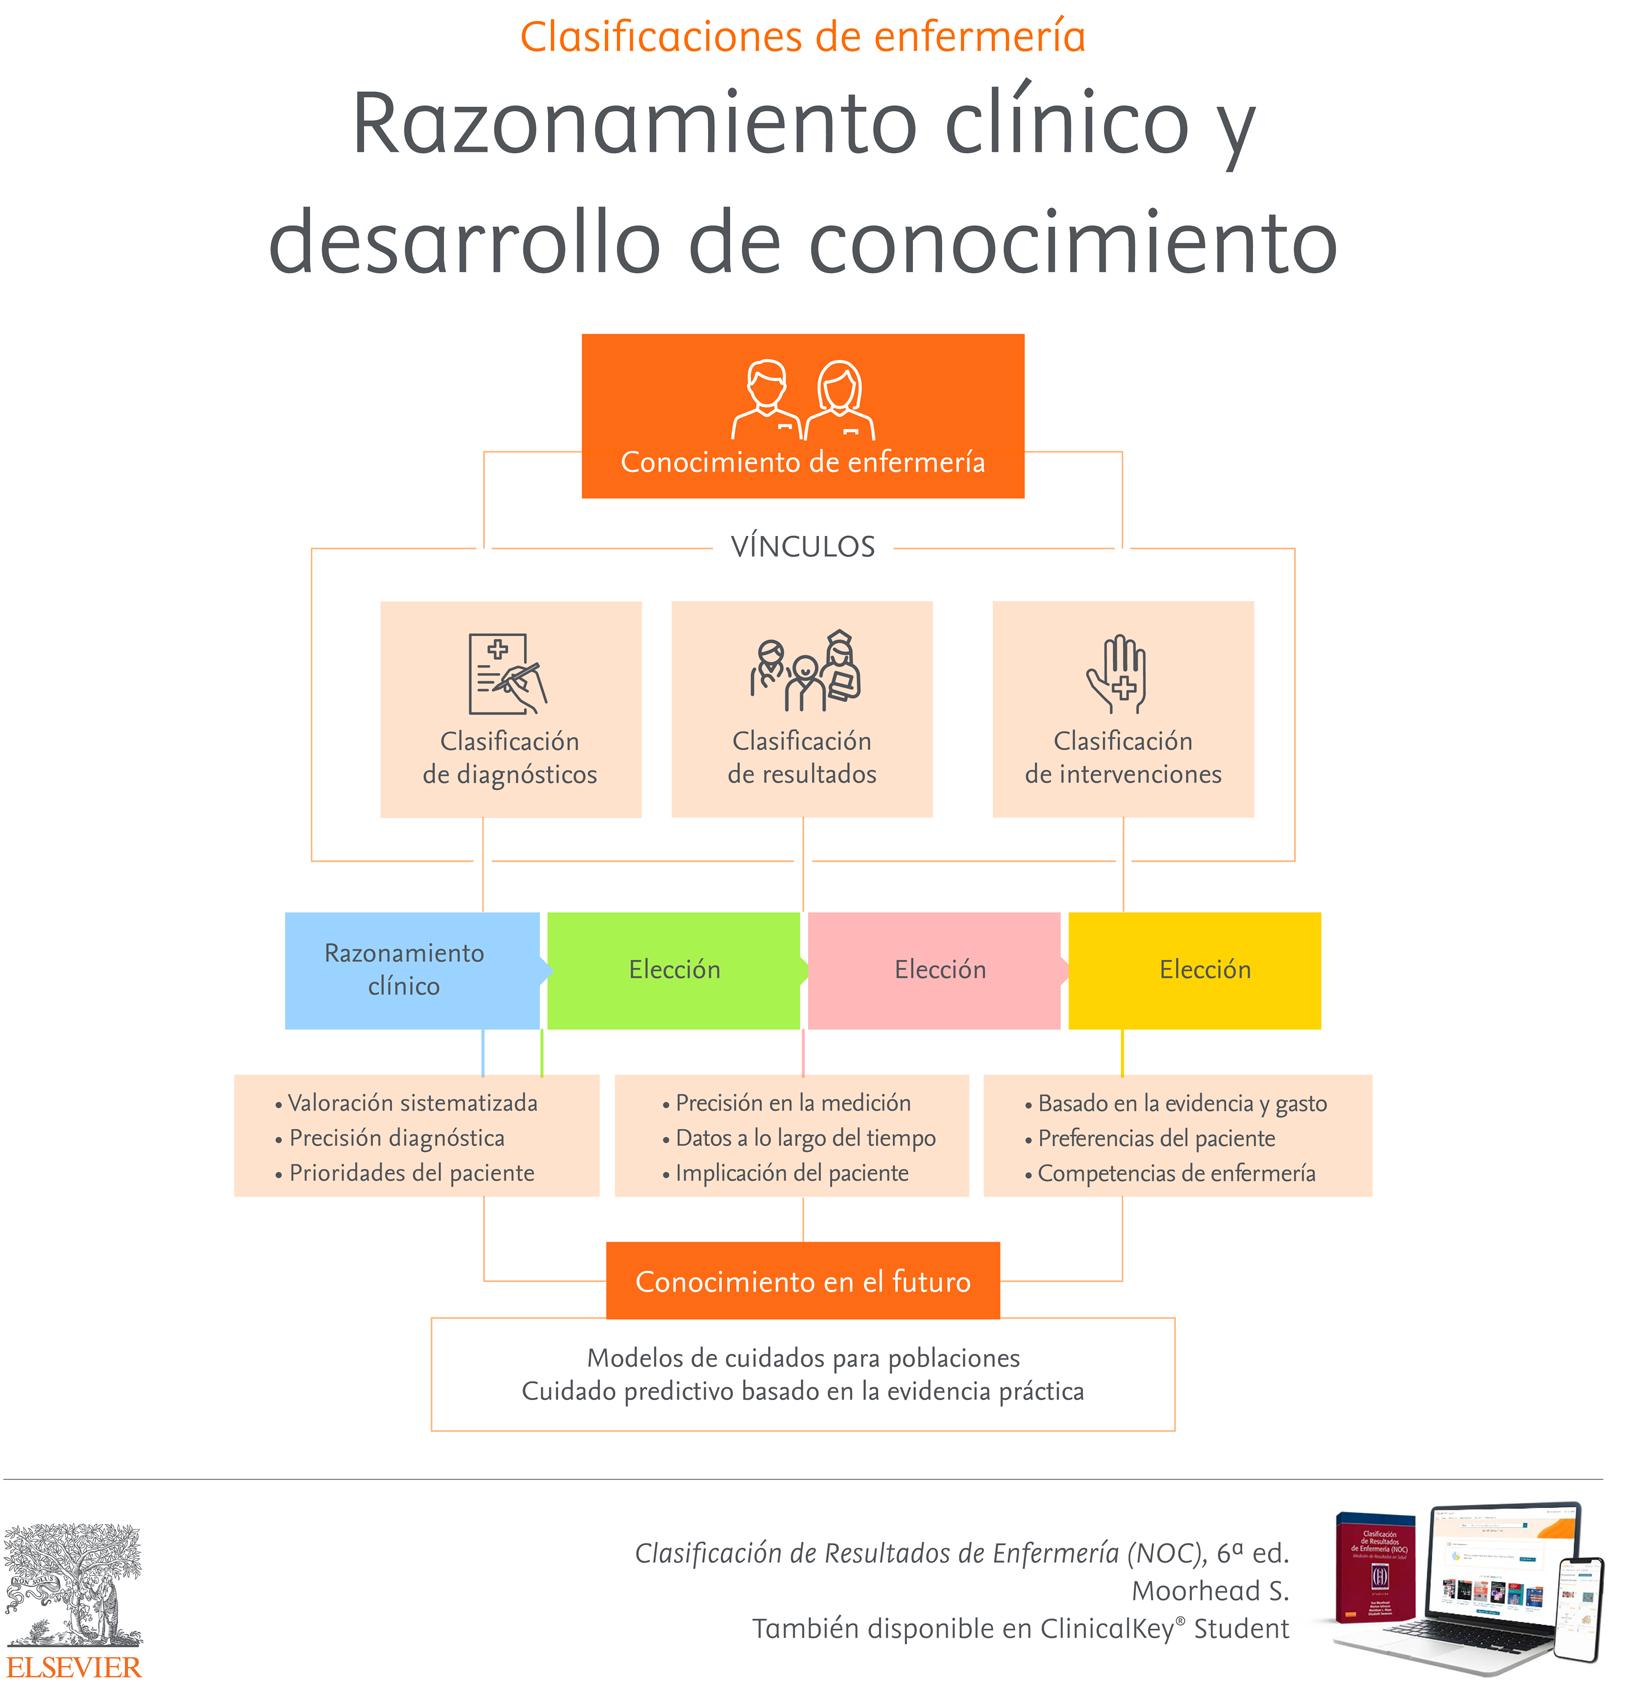 Clasificaciones de enfermería: razonamiento clínico y desarrollo de conocimiento